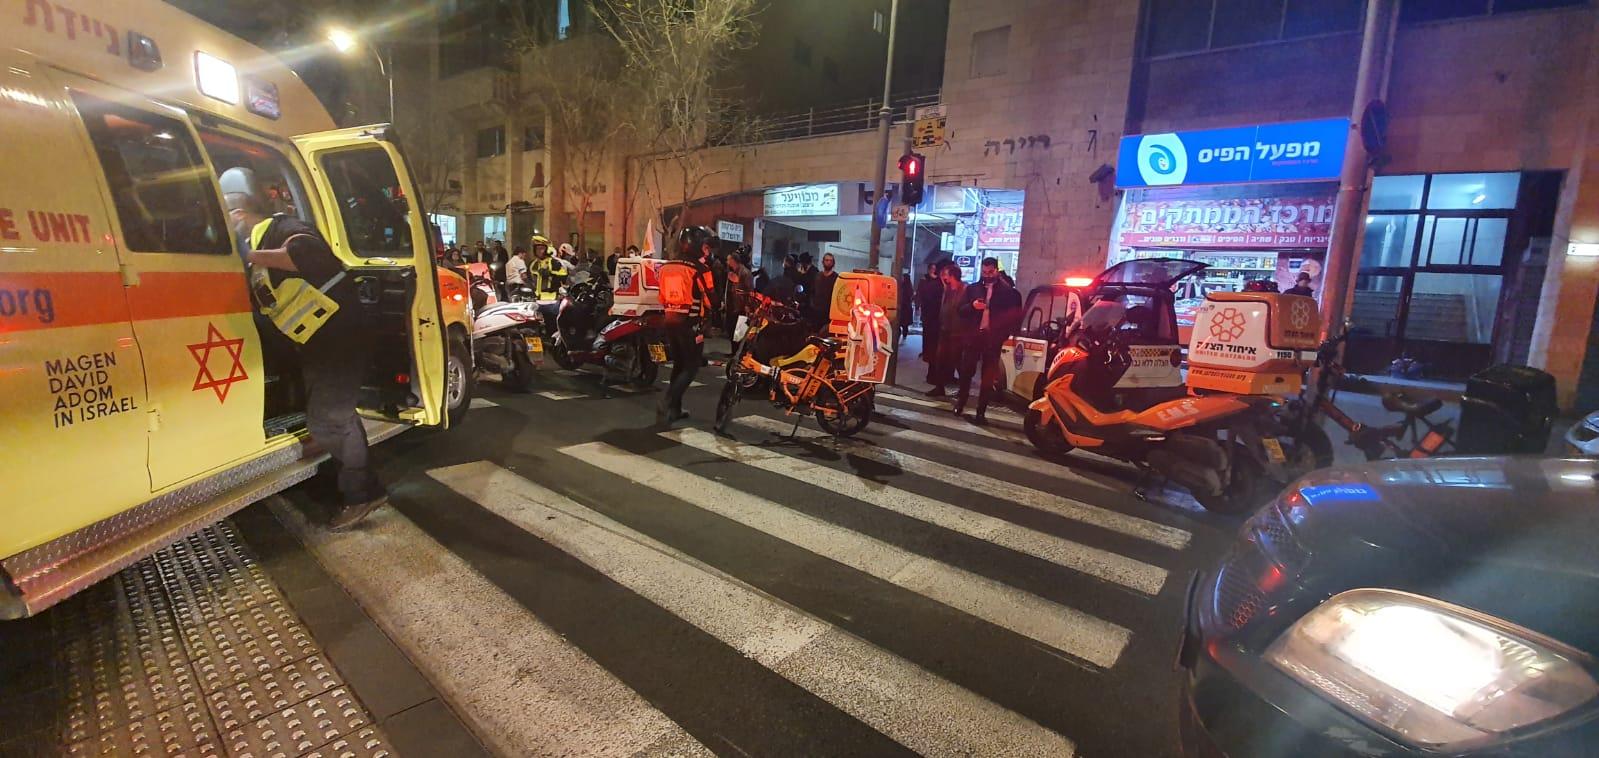 זירת התאונה ברחוב יפו בירושלים (צילום: תיעוד מבצעי איחוד הצלה)